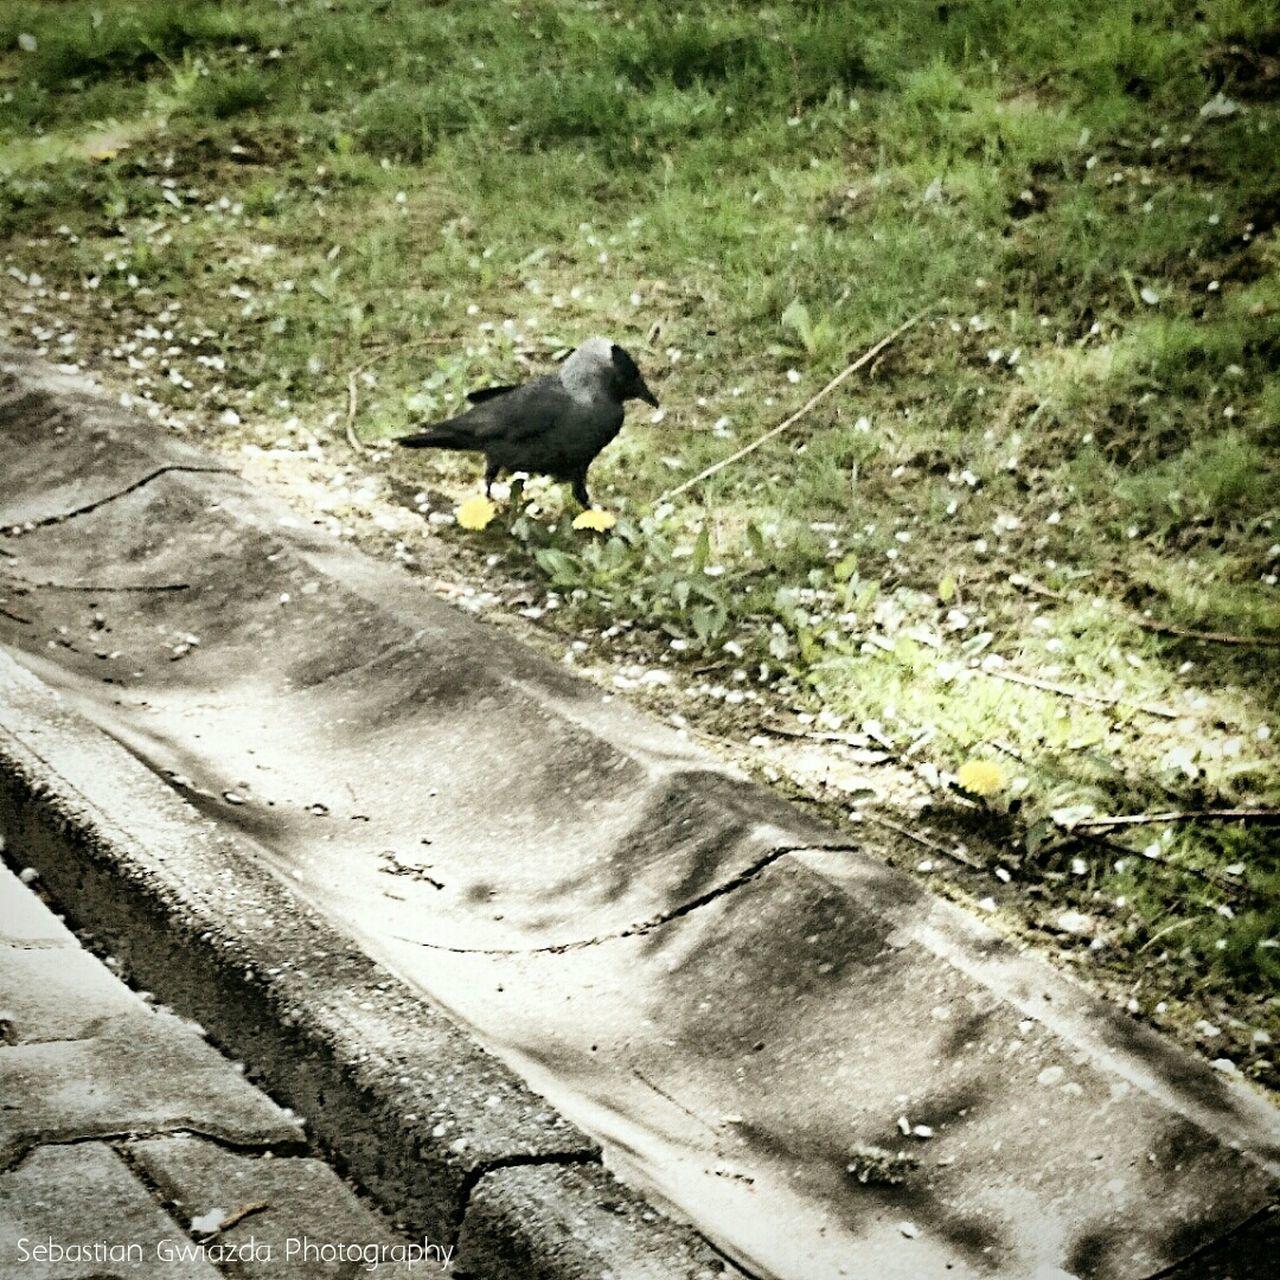 Sony Xperia Z1 Bird Photography Jastrzębie - Zdrój Kawka Coloeus Monedula